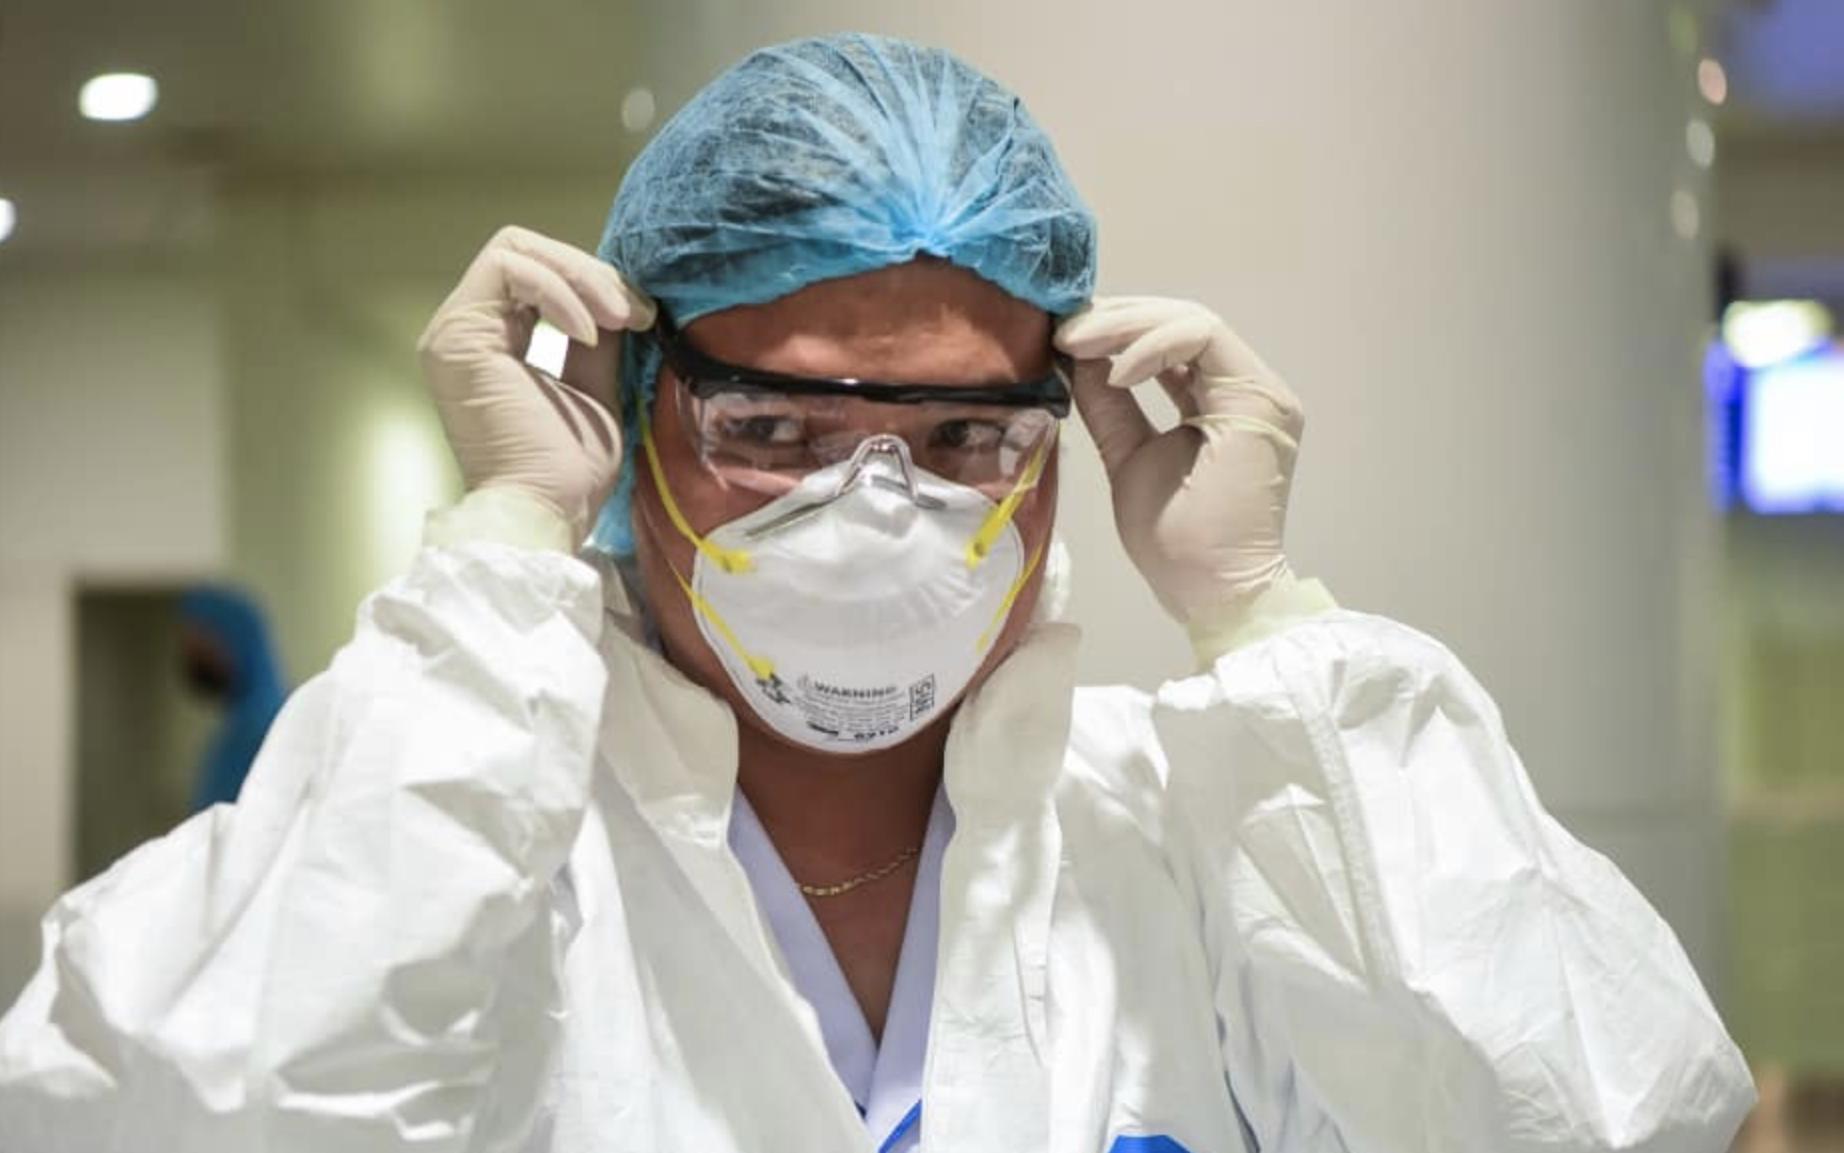 Việt Nam ghi nhận thêm 8 ca mắc COVID-19, là các chuyên gia Nga